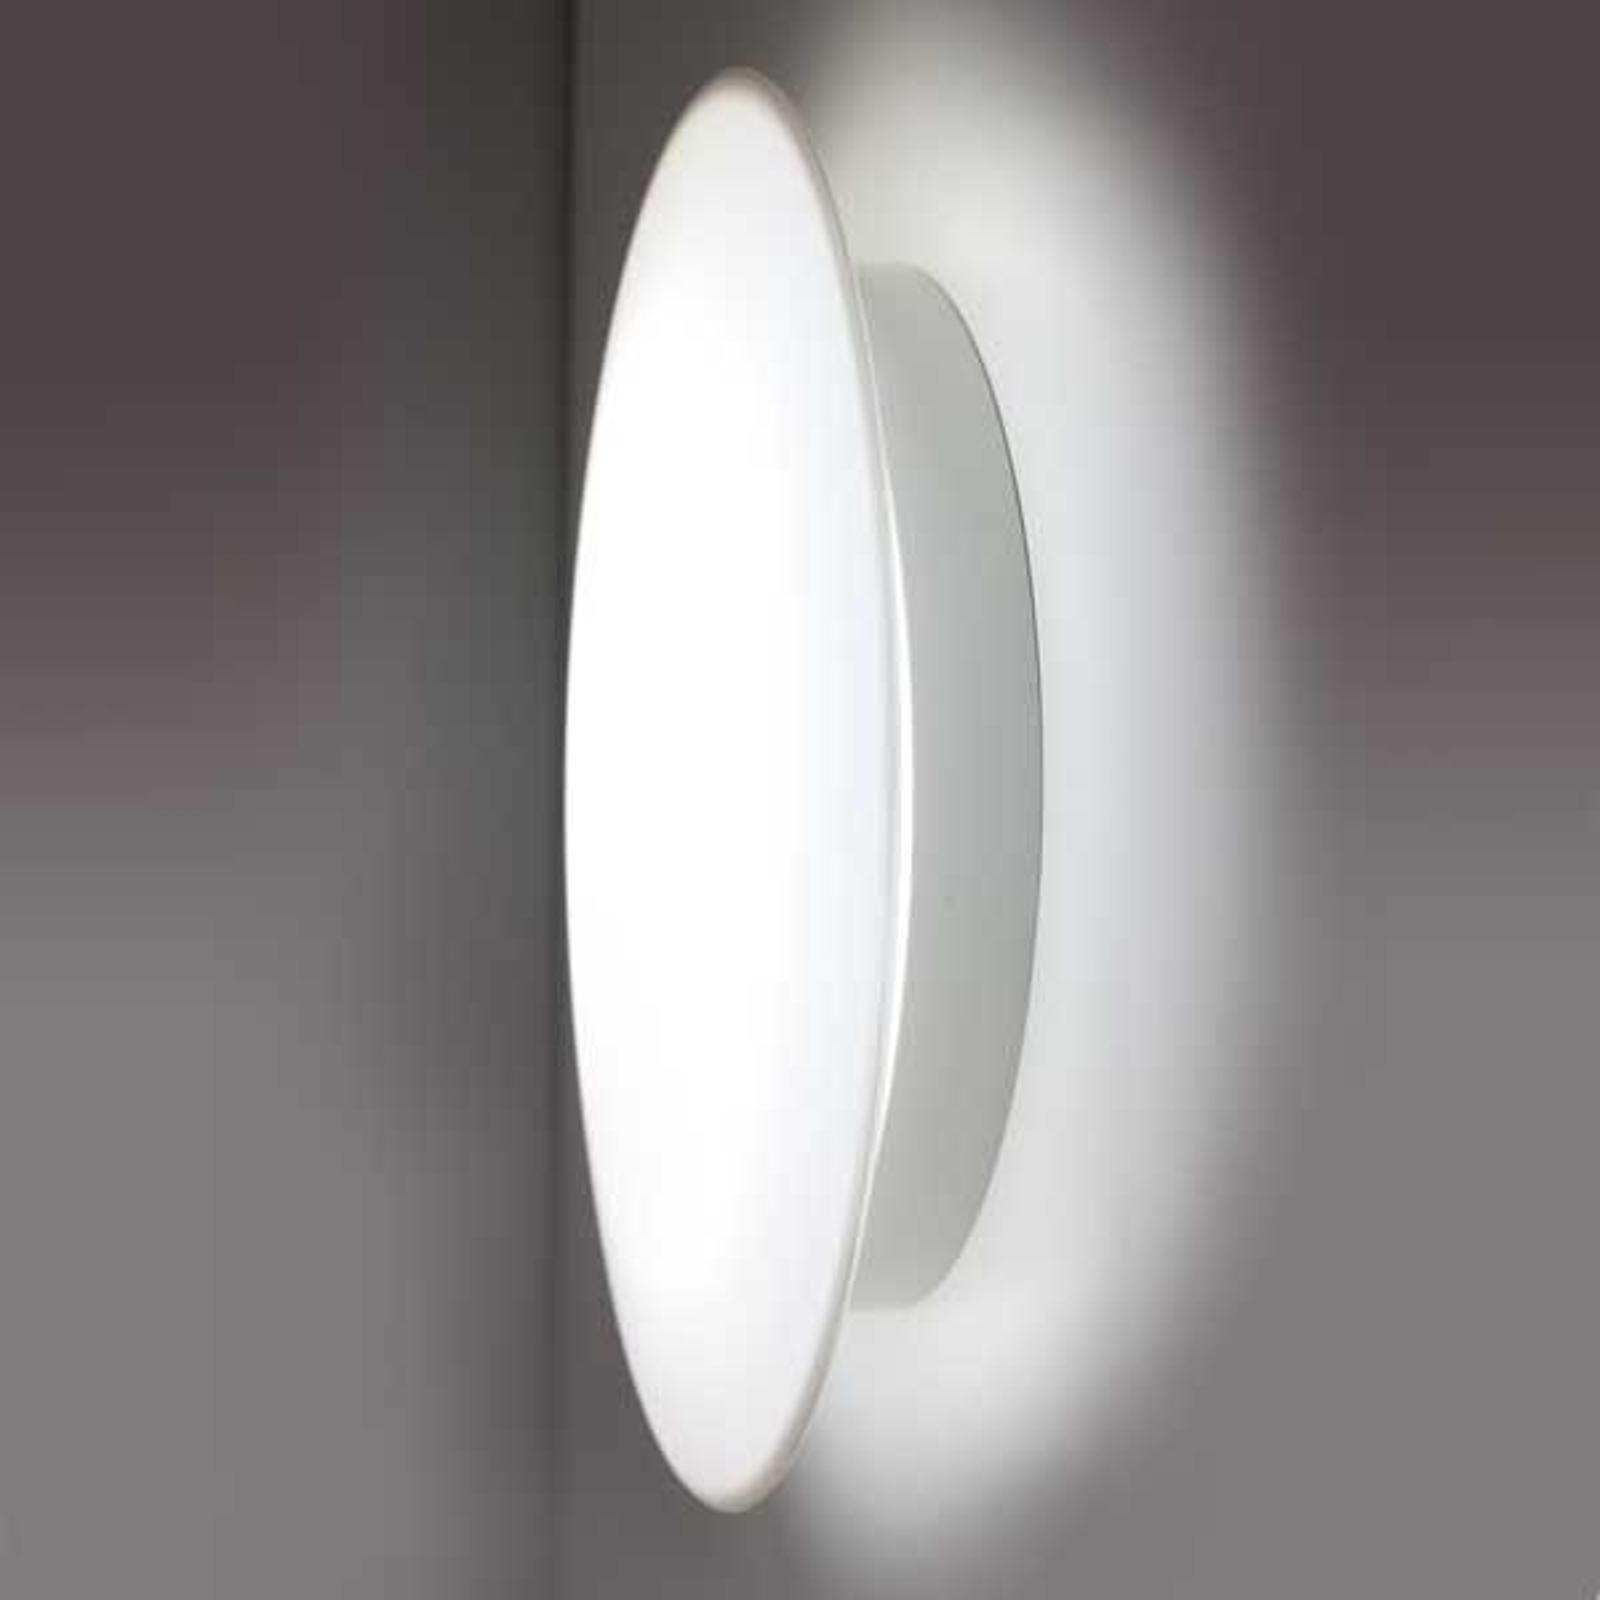 SUN 3 - la lampada LED del futuro, 8W 3K